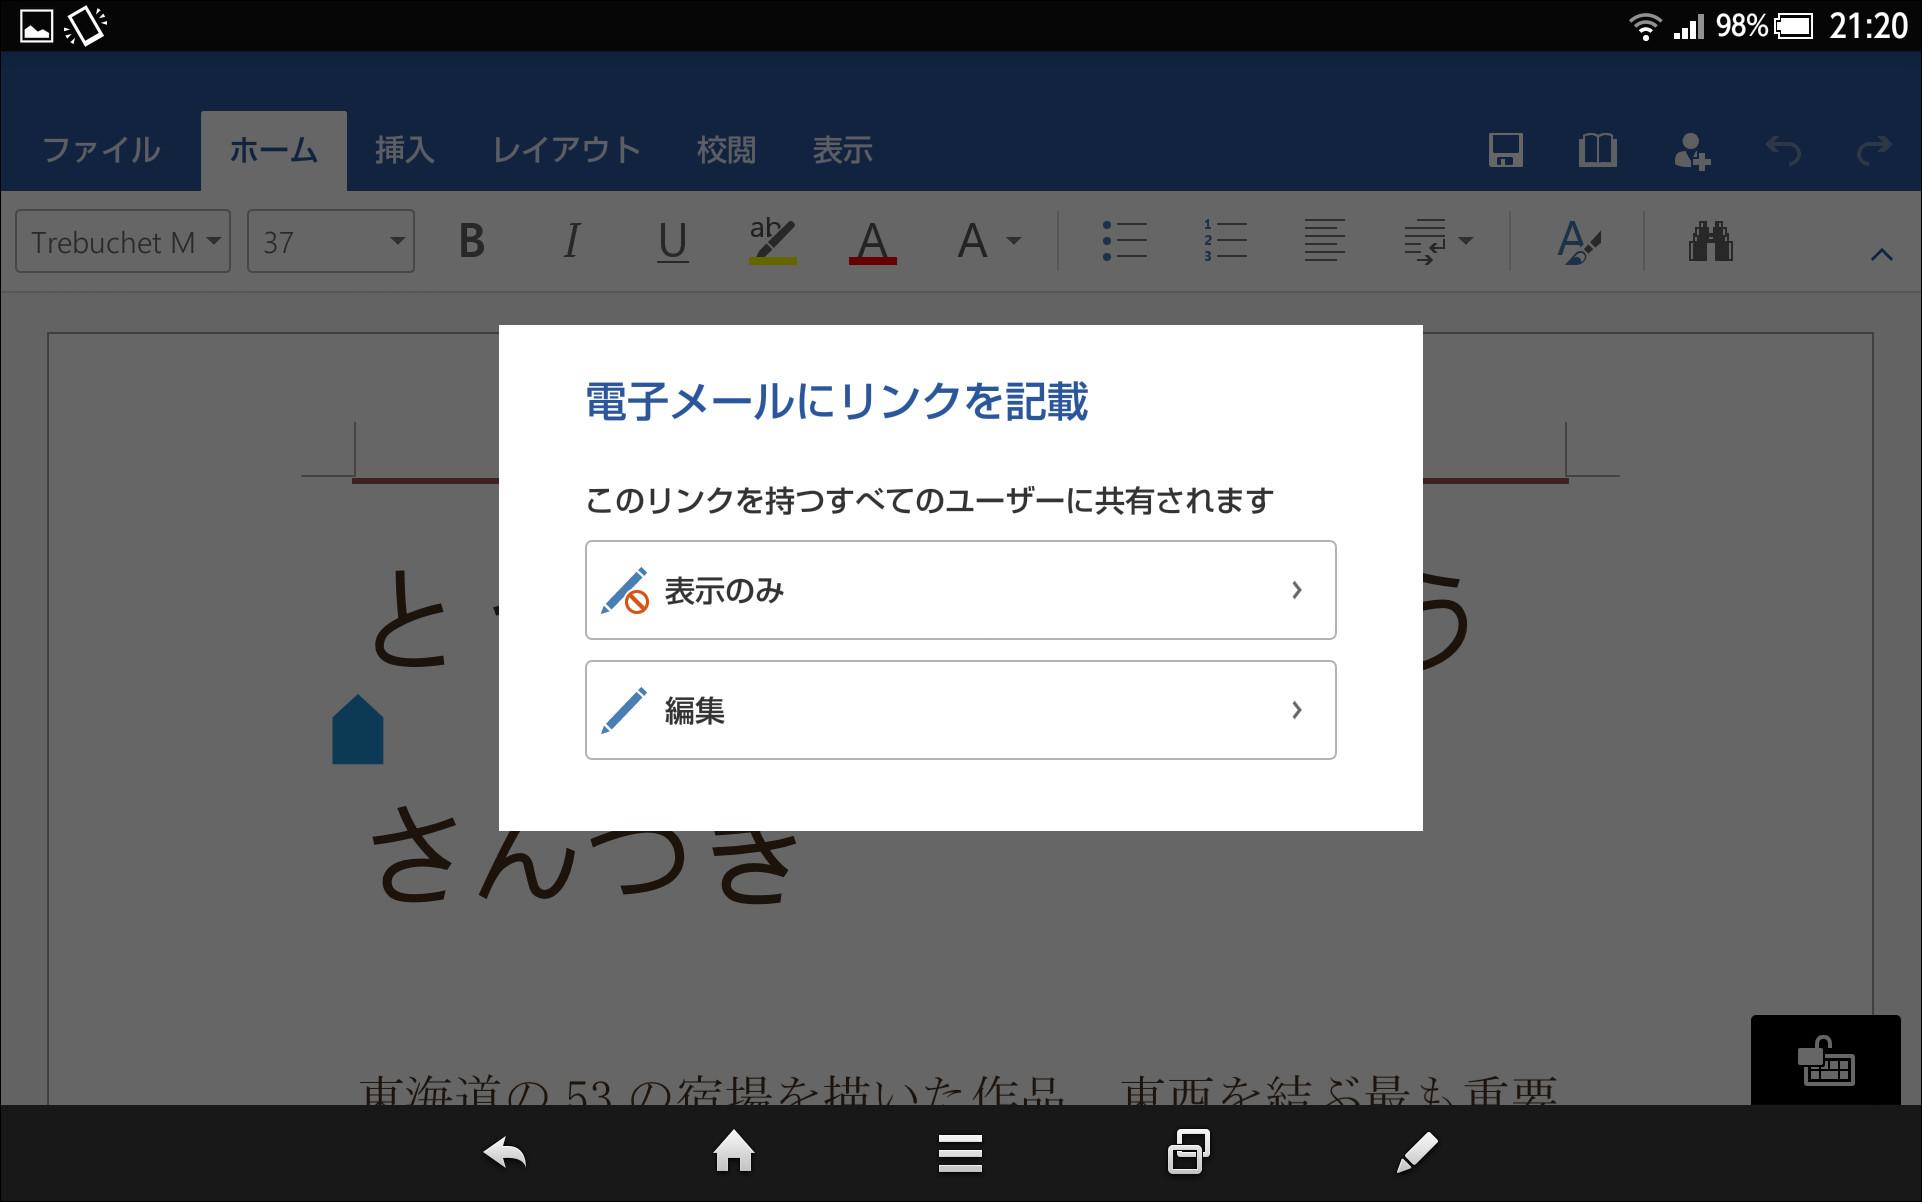 """""""OneDrive""""に保存しているファイルは、閲覧専用または編集も許可するURLをメール送信して共有可能"""